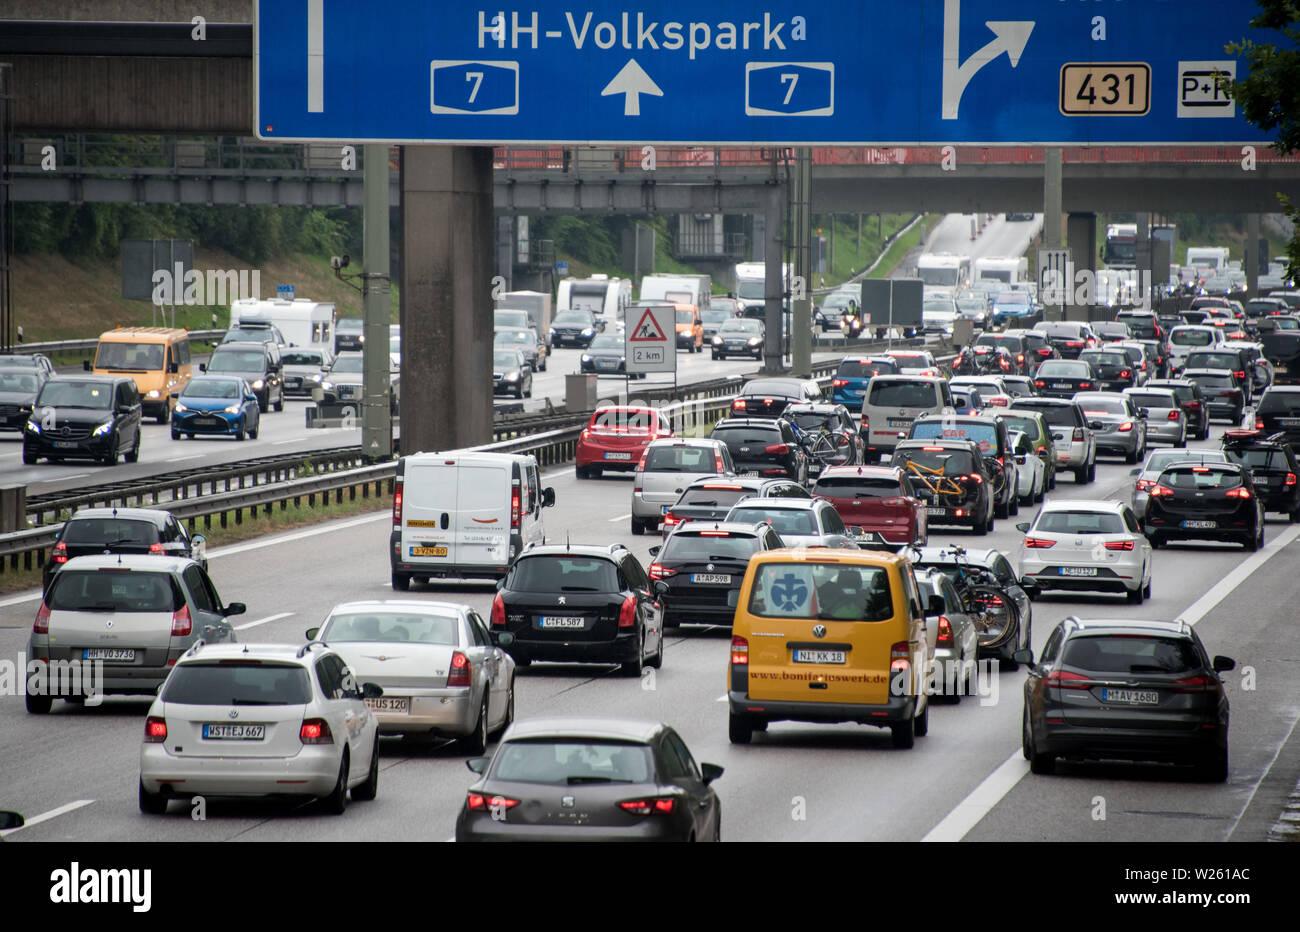 Traffic Jam In Denmark Stock Photos & Traffic Jam In Denmark Stock